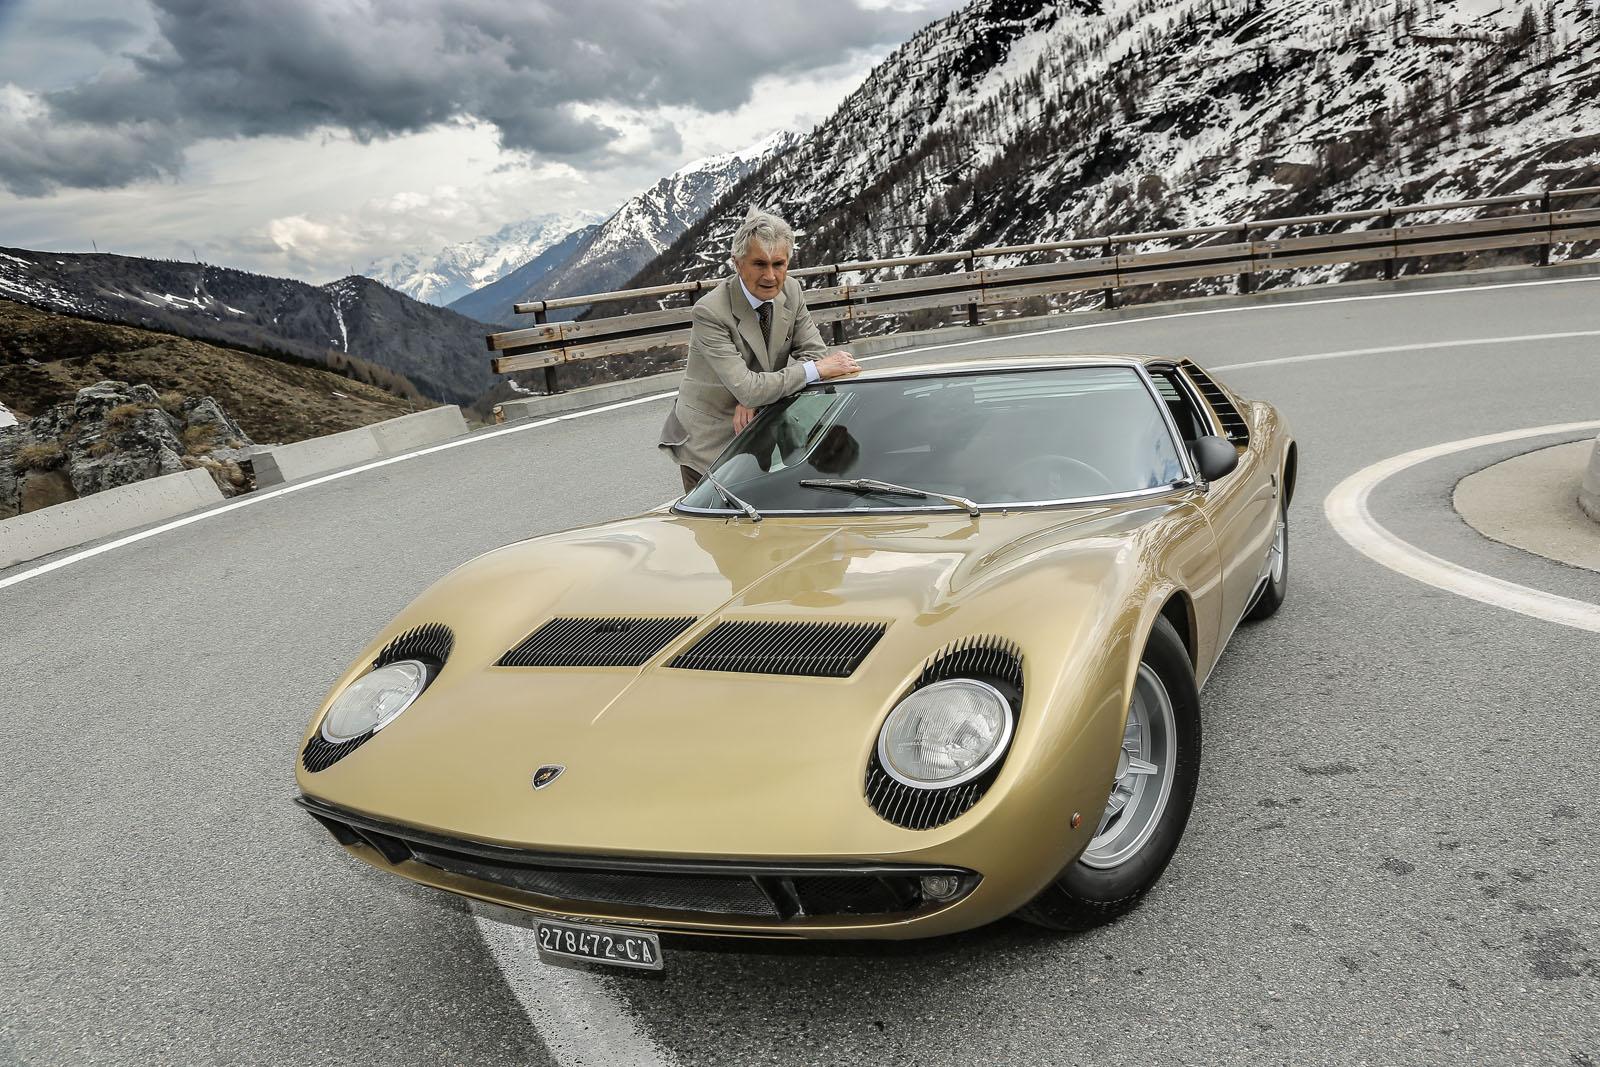 Lamborghini Miura The Italian Job 18 28